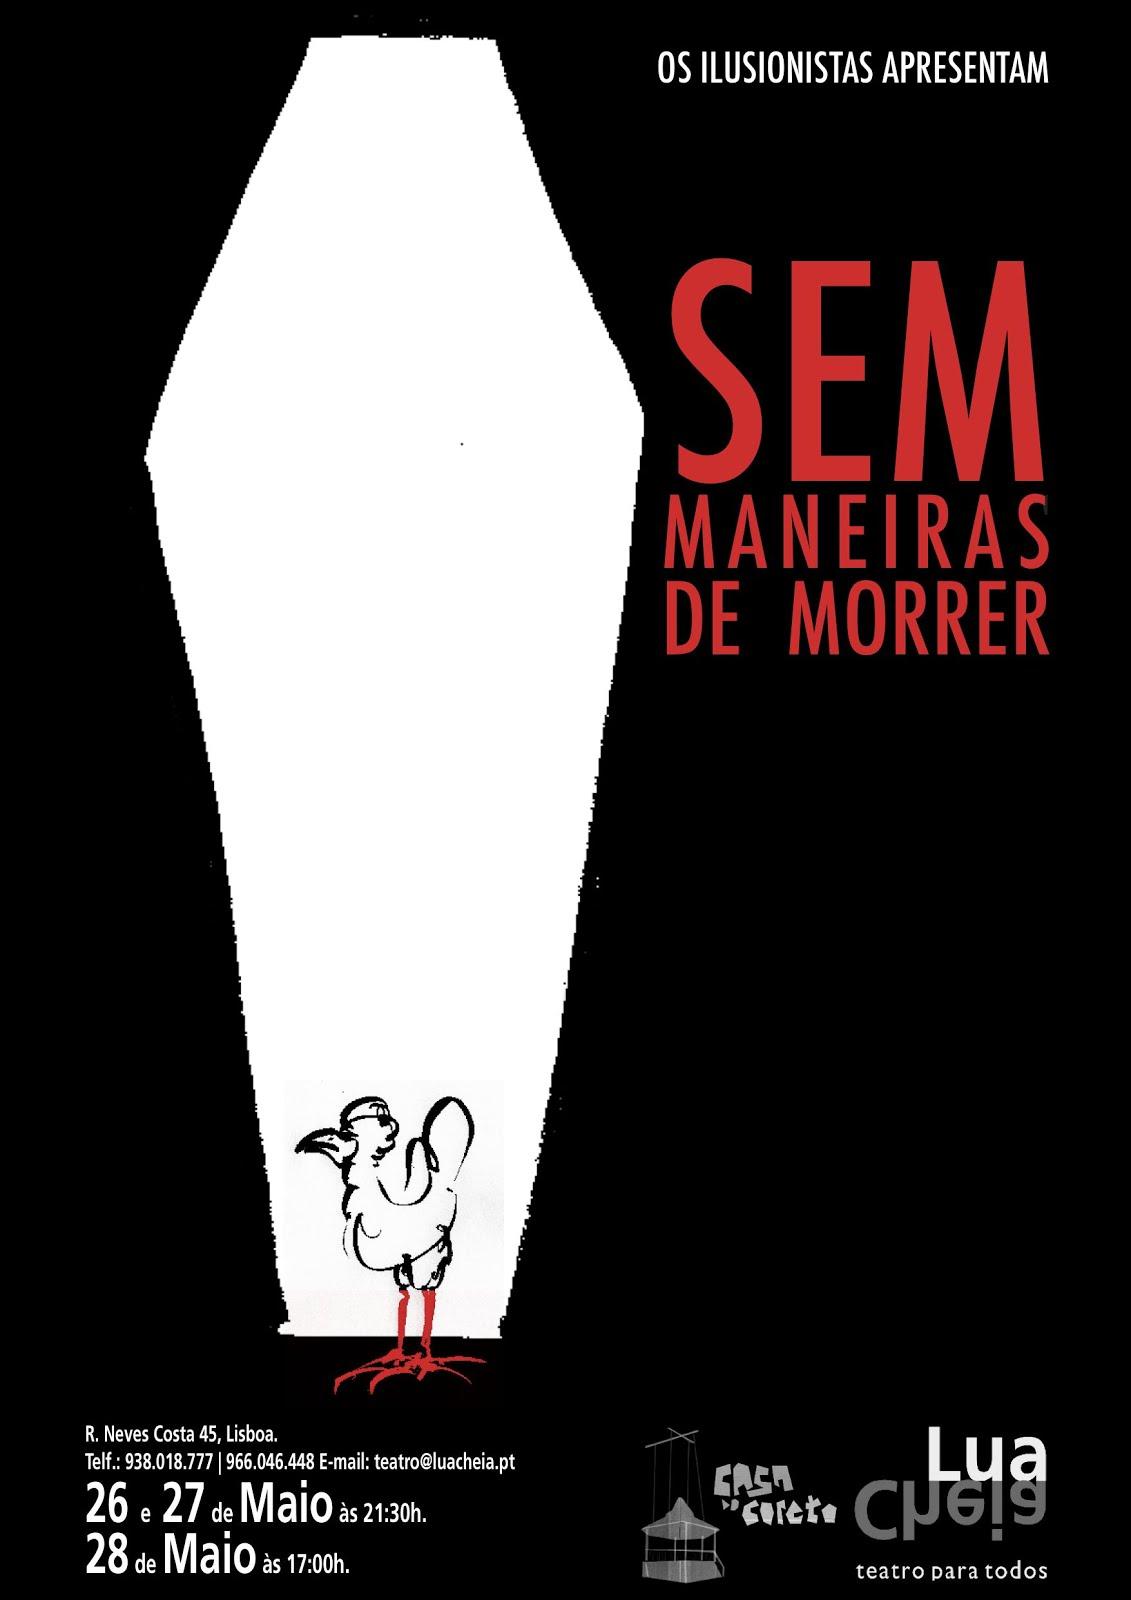 Os Ilusionistas apresentam: SEM MANEIRAS DE MORRER